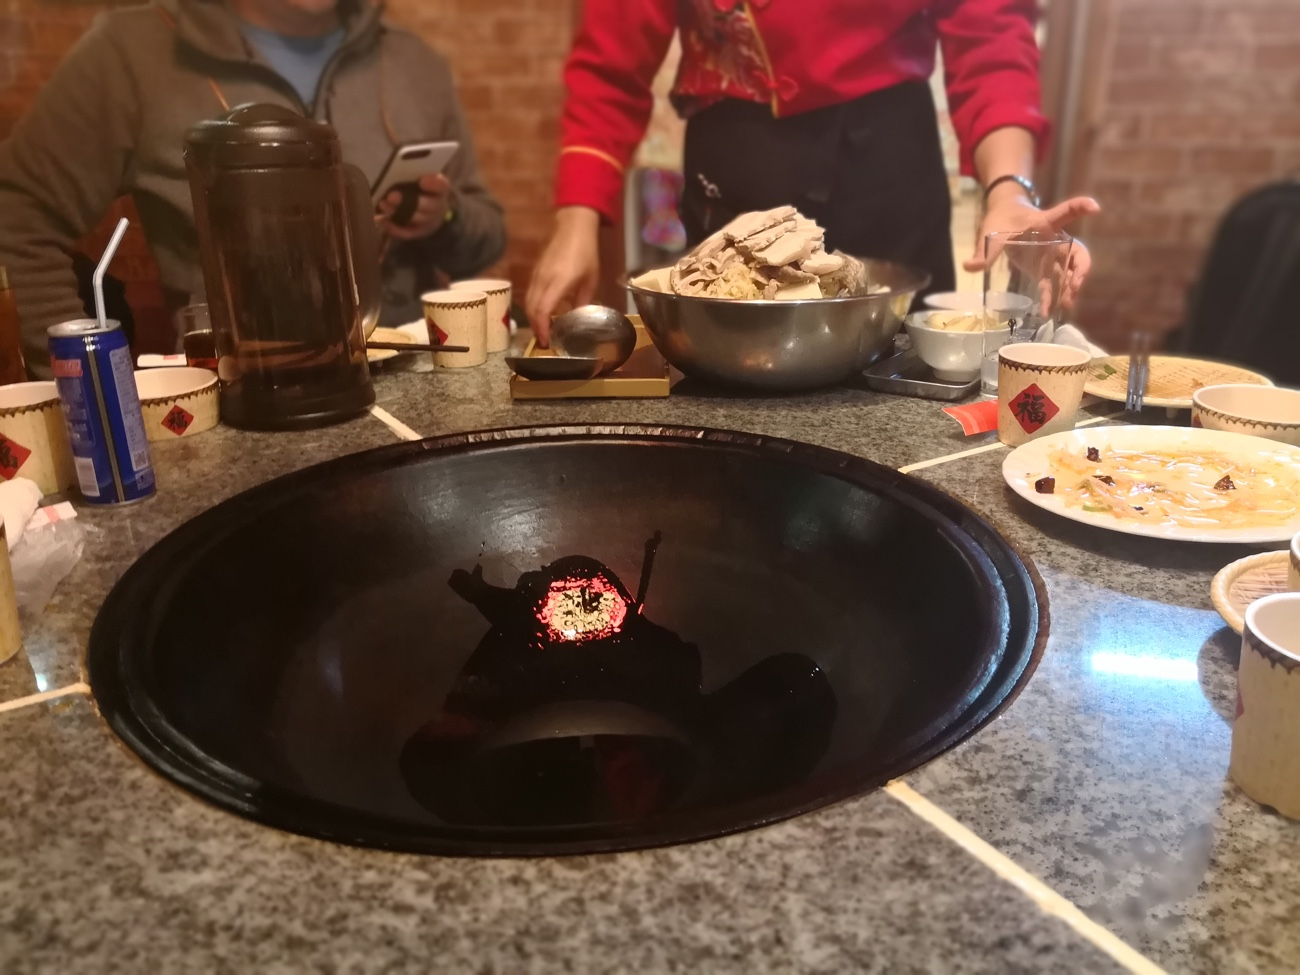 テーブルに埋め込まれた鍋